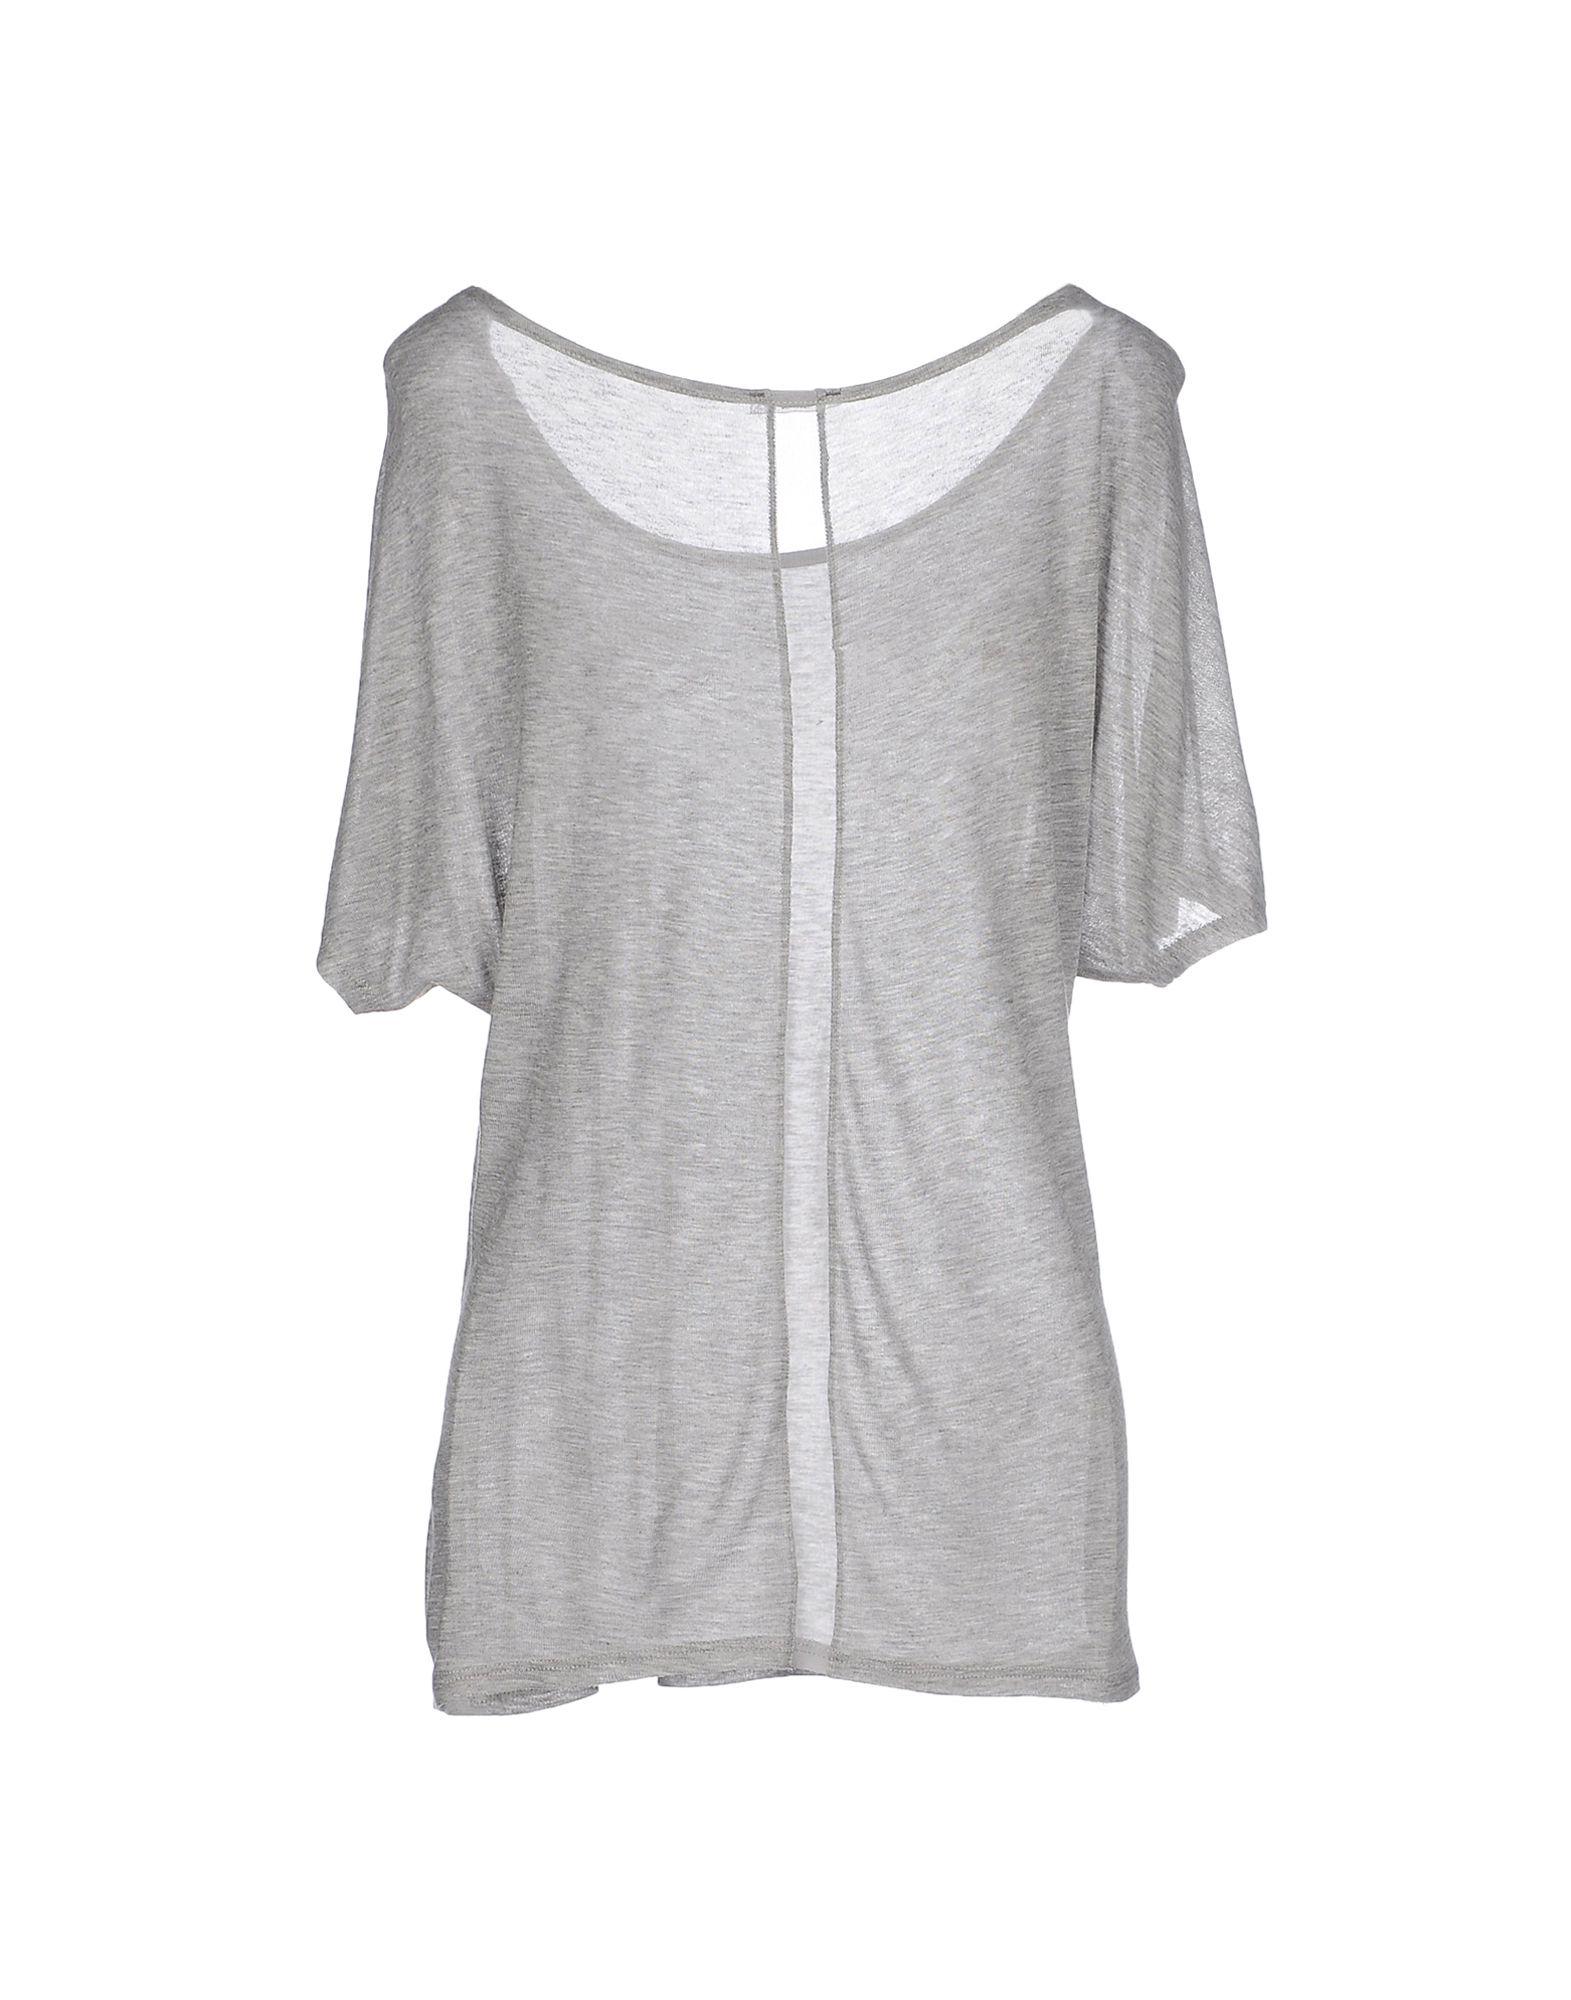 Lyst Three Dots T Shirt In Gray